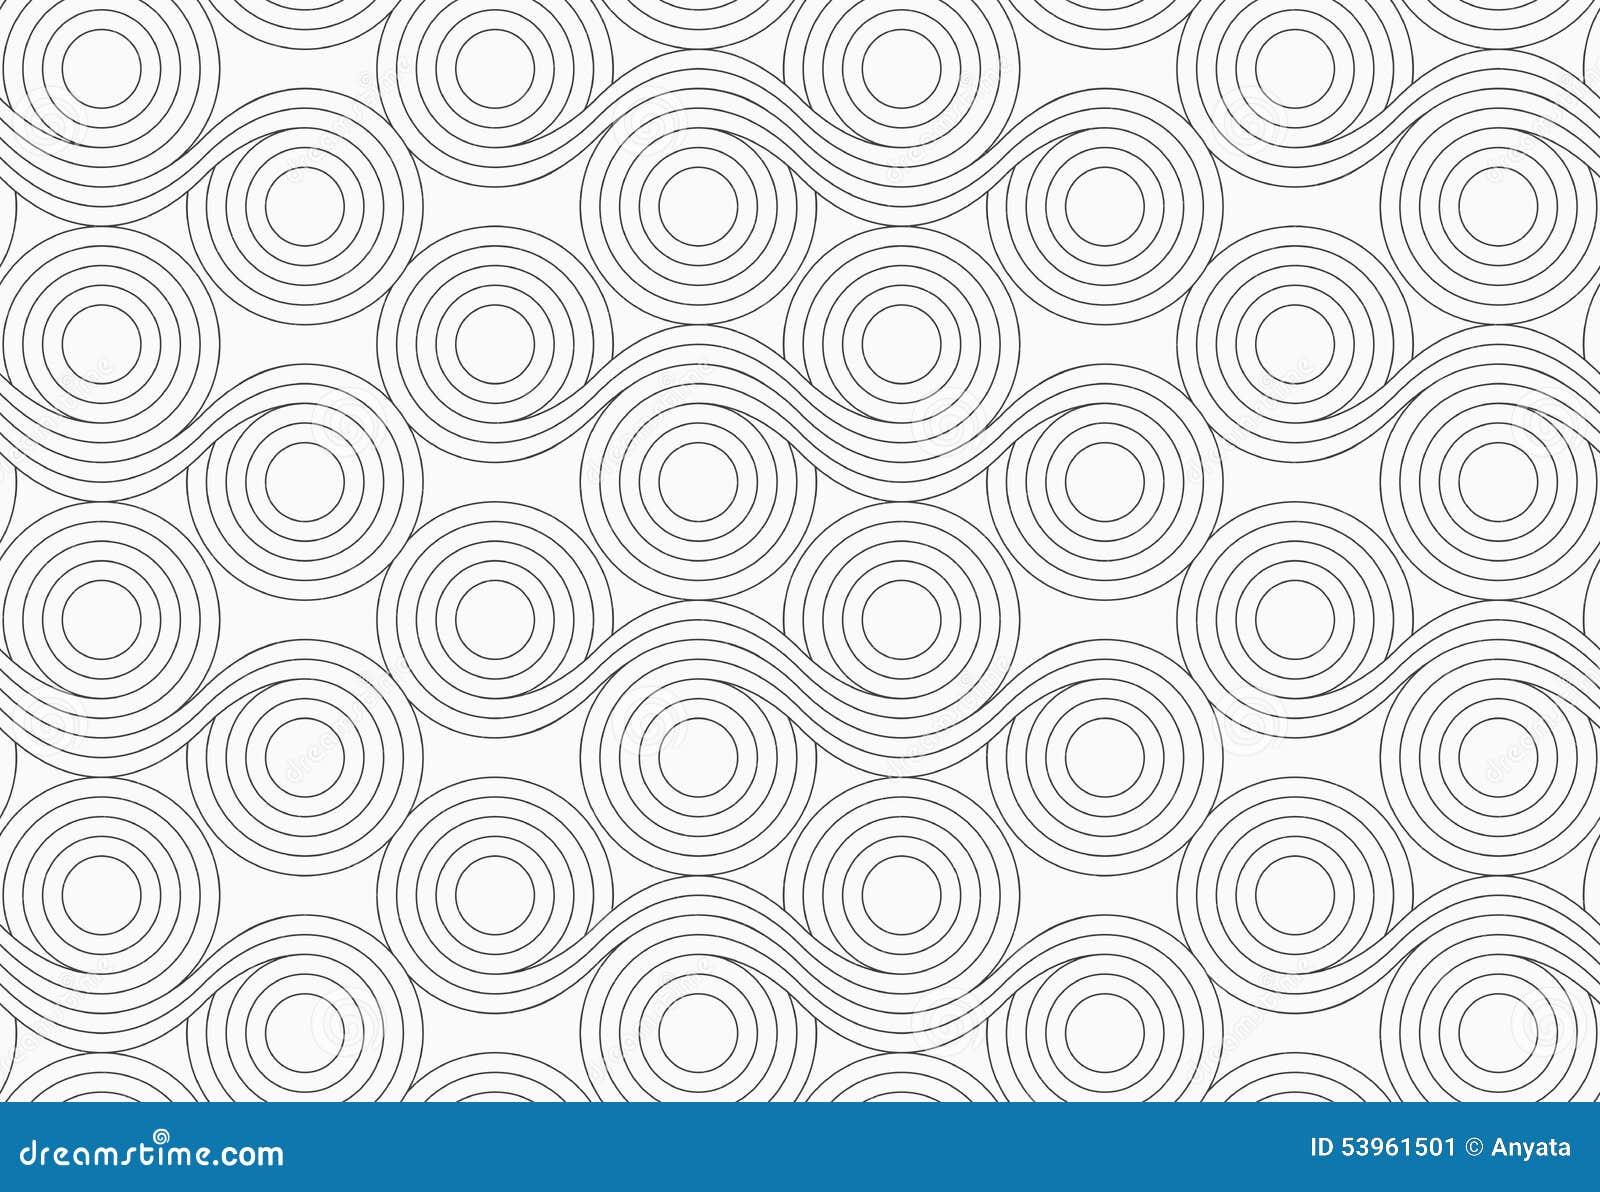 graue kreise mit gewellten linien mischen vektor abbildung